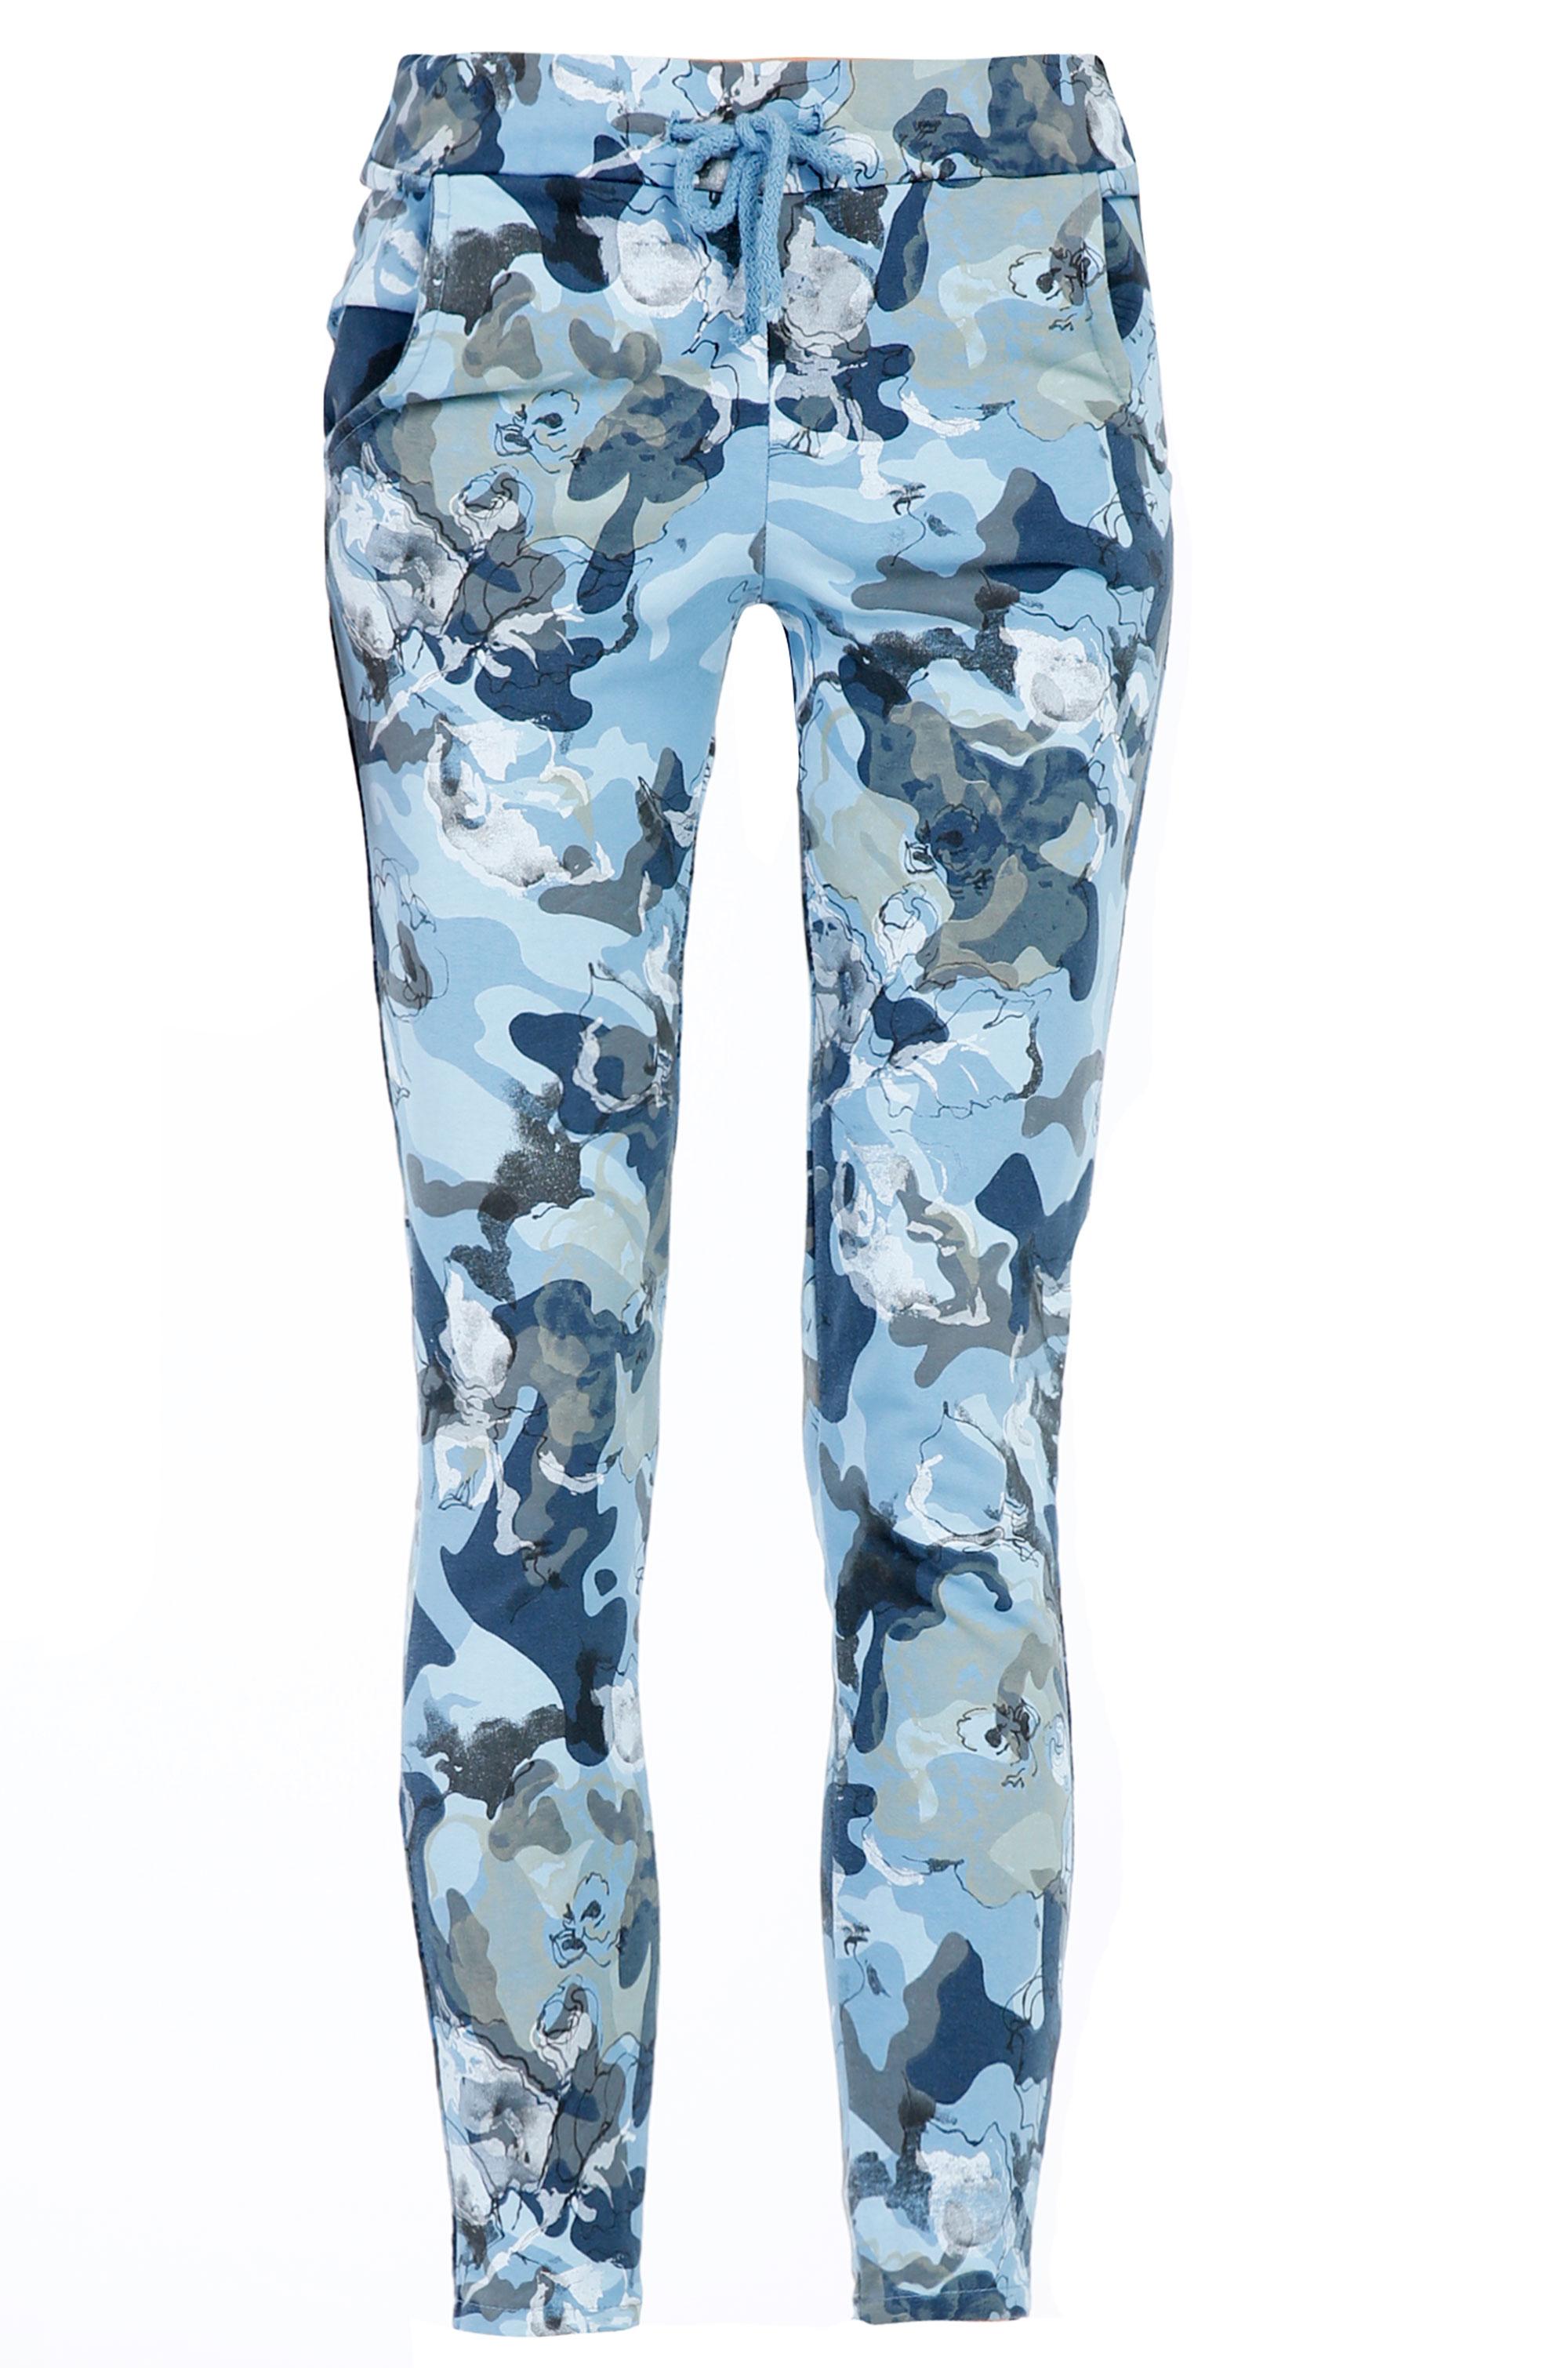 Spodnie - 77-7775 JEANS - Unisono